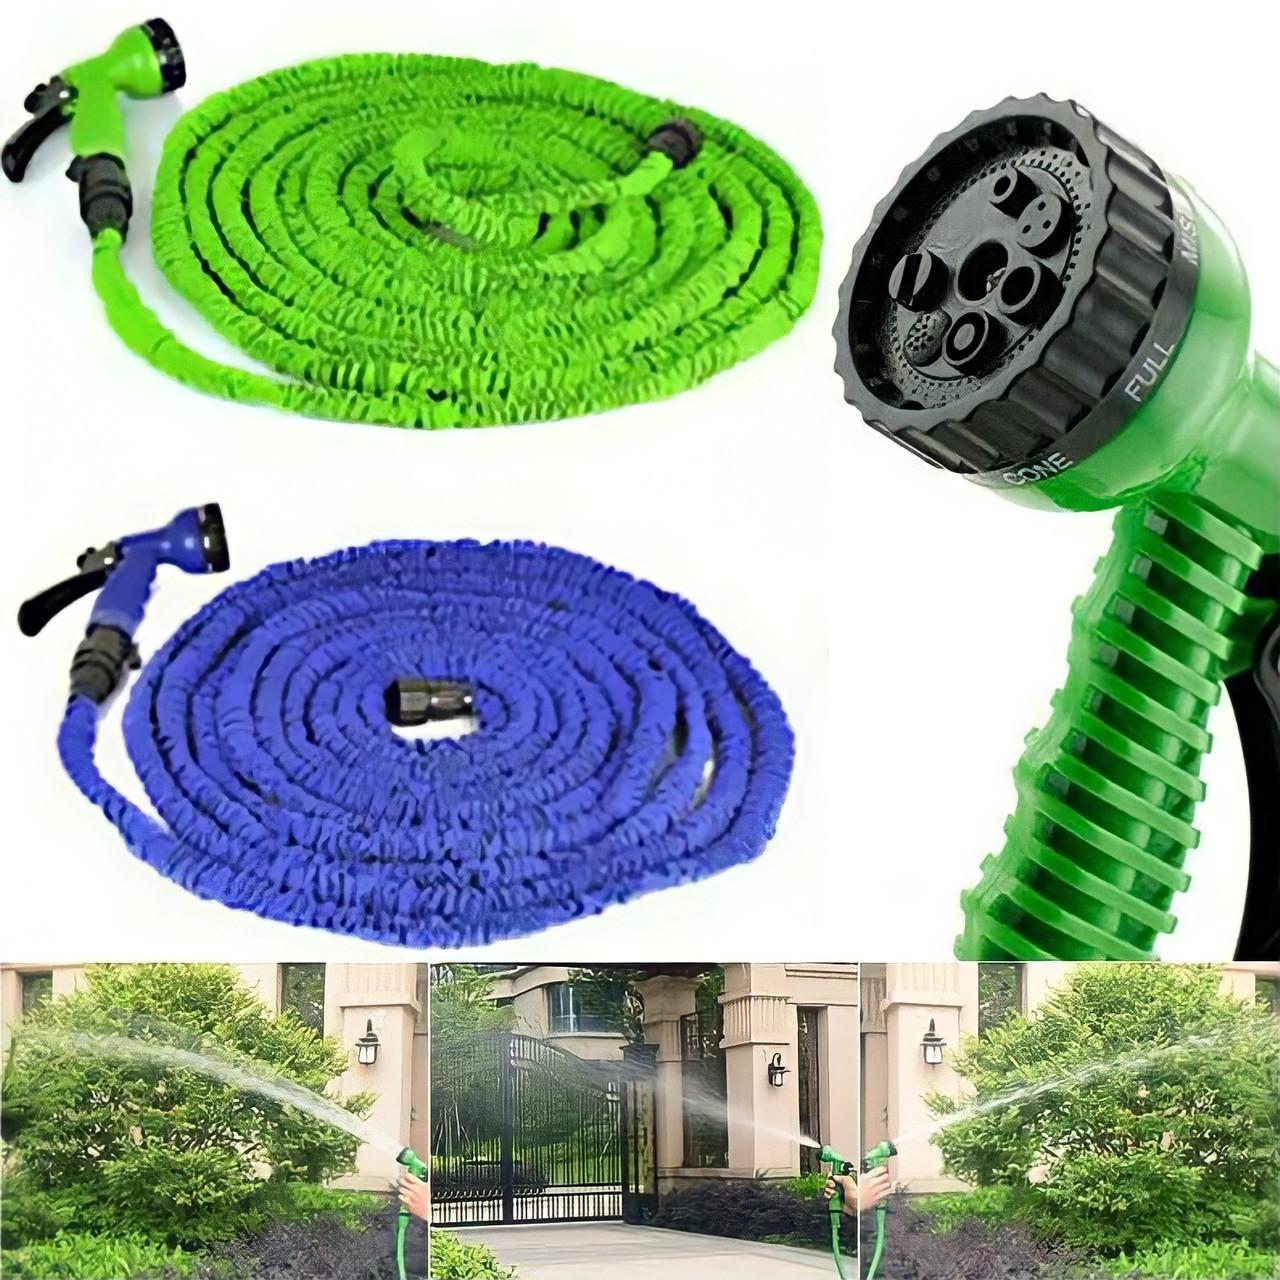 Шланг поливочный X-hose для сада 22,5 м | xhose шланг для полива  с насадкой распылителем 7 режимов